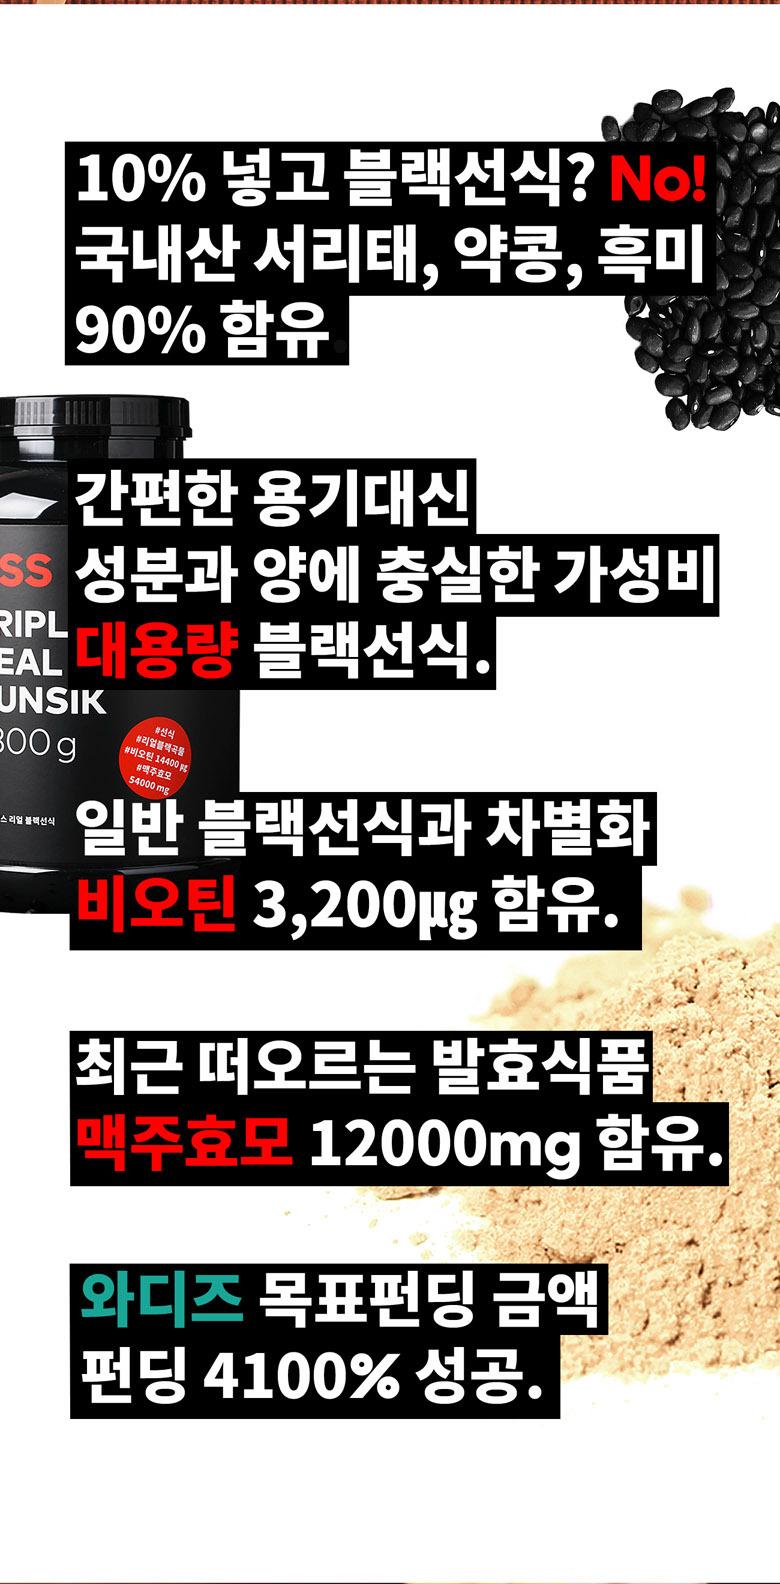 간편한 용기 대신 성분과 양에 충실한 가성비 대용량 블랙선식